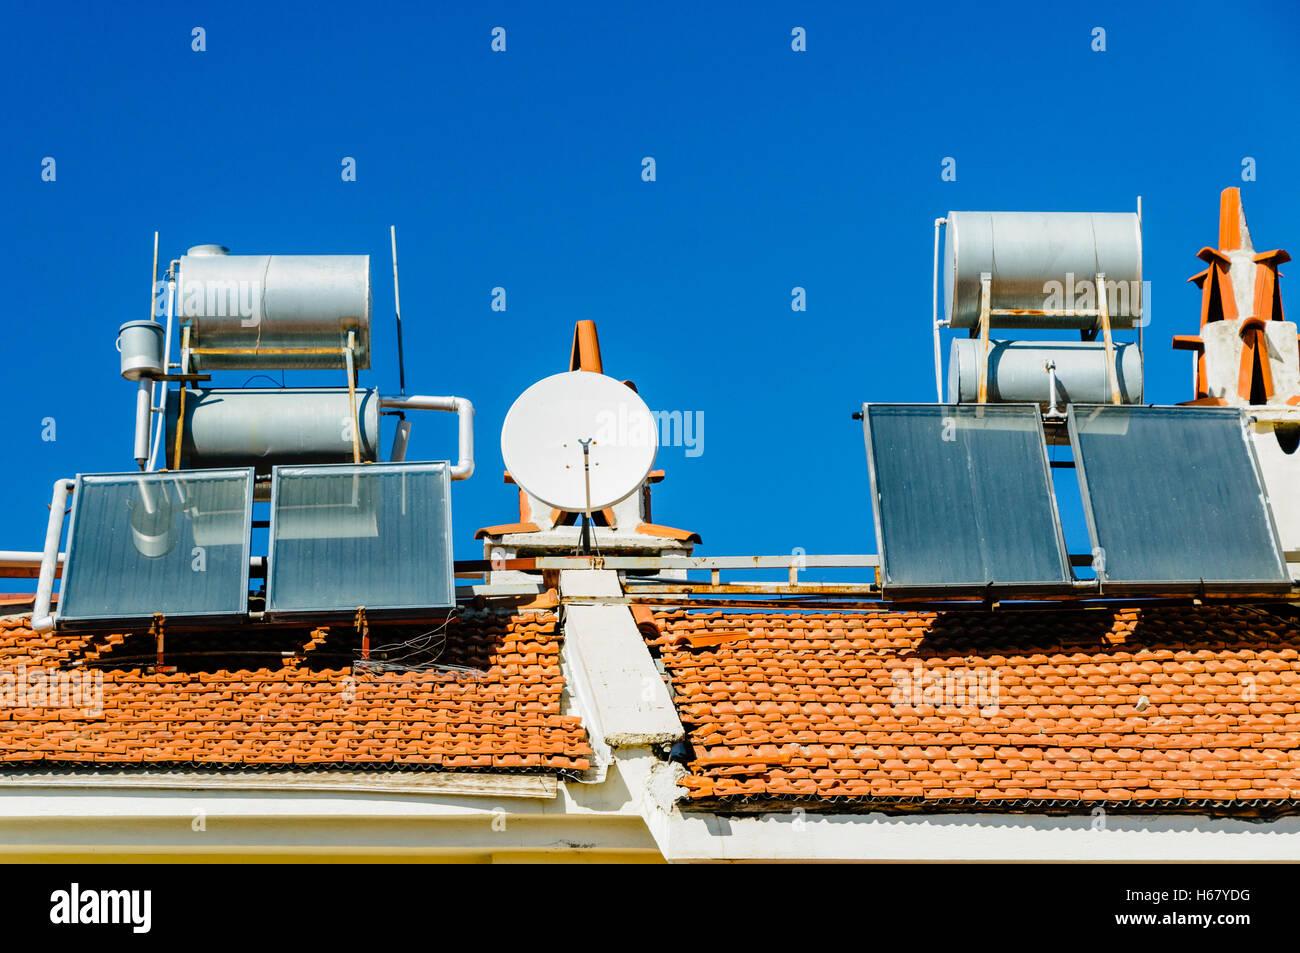 Chauffe-eau solaire et des antennes paraboliques sur le toit d'un immeuble.dans un climat chaud Photo Stock